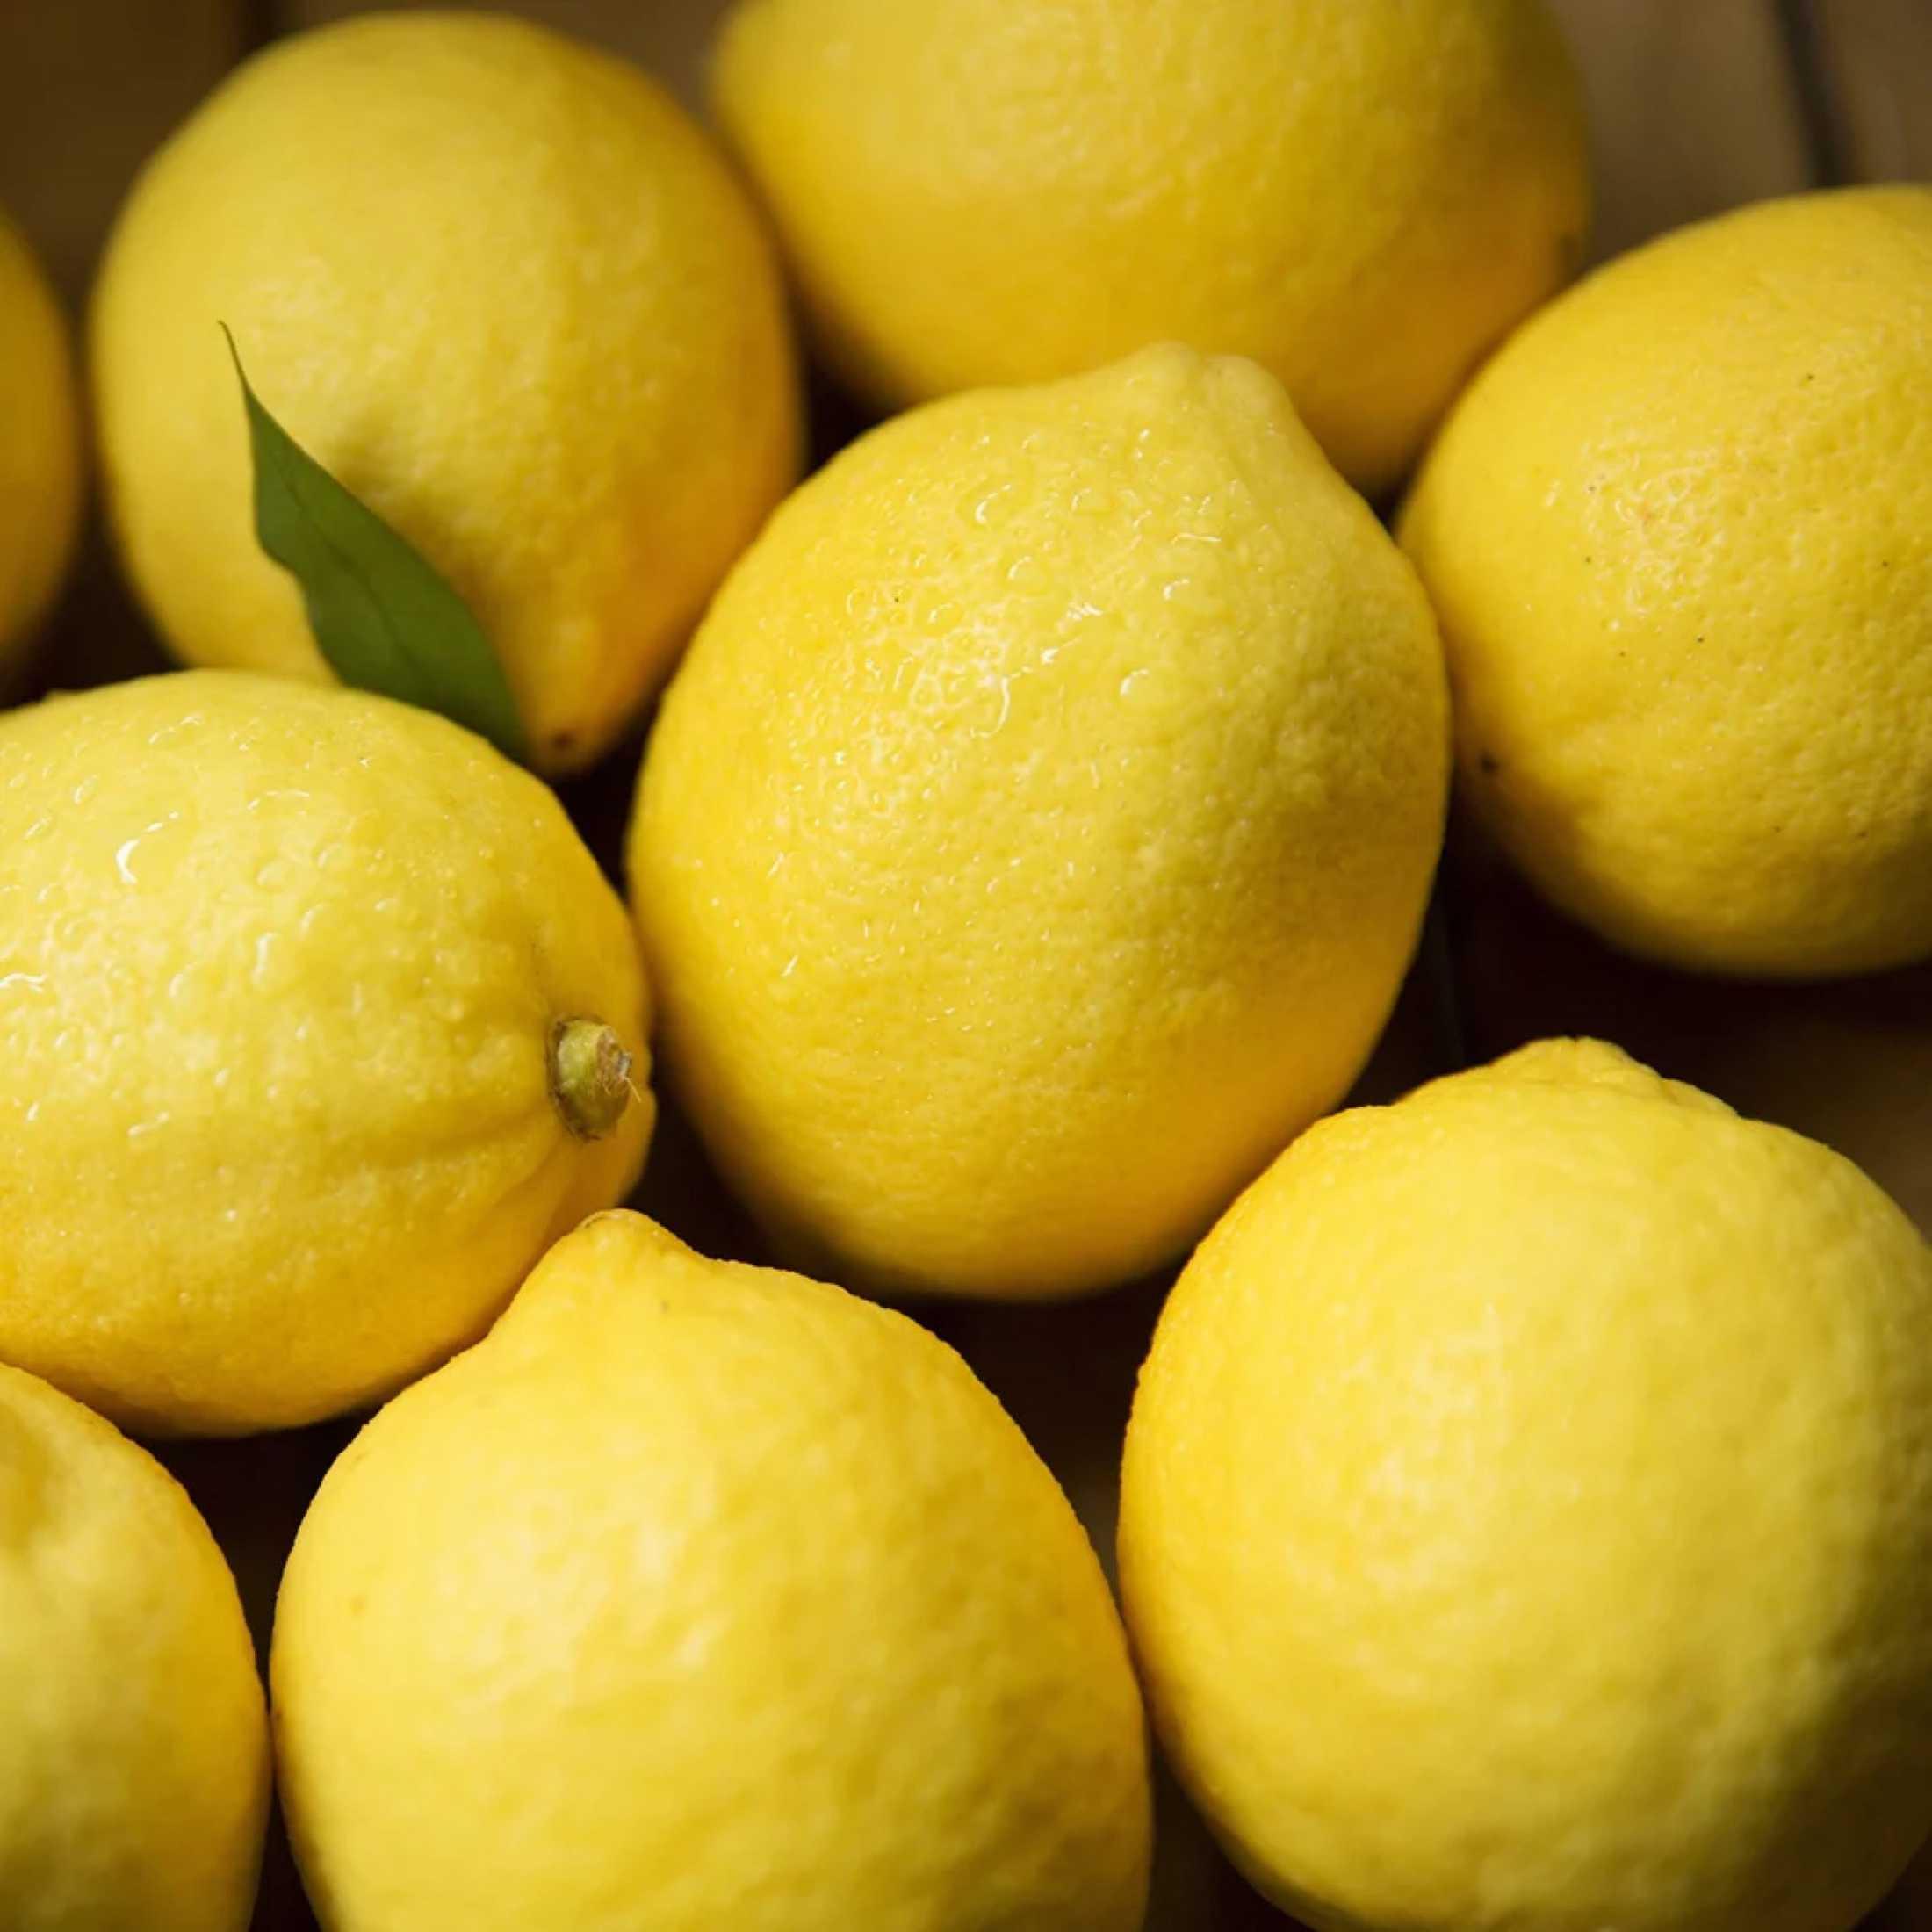 四川安岳黄柠檬中果现摘新鲜水果皮薄多汁2斤一级小果